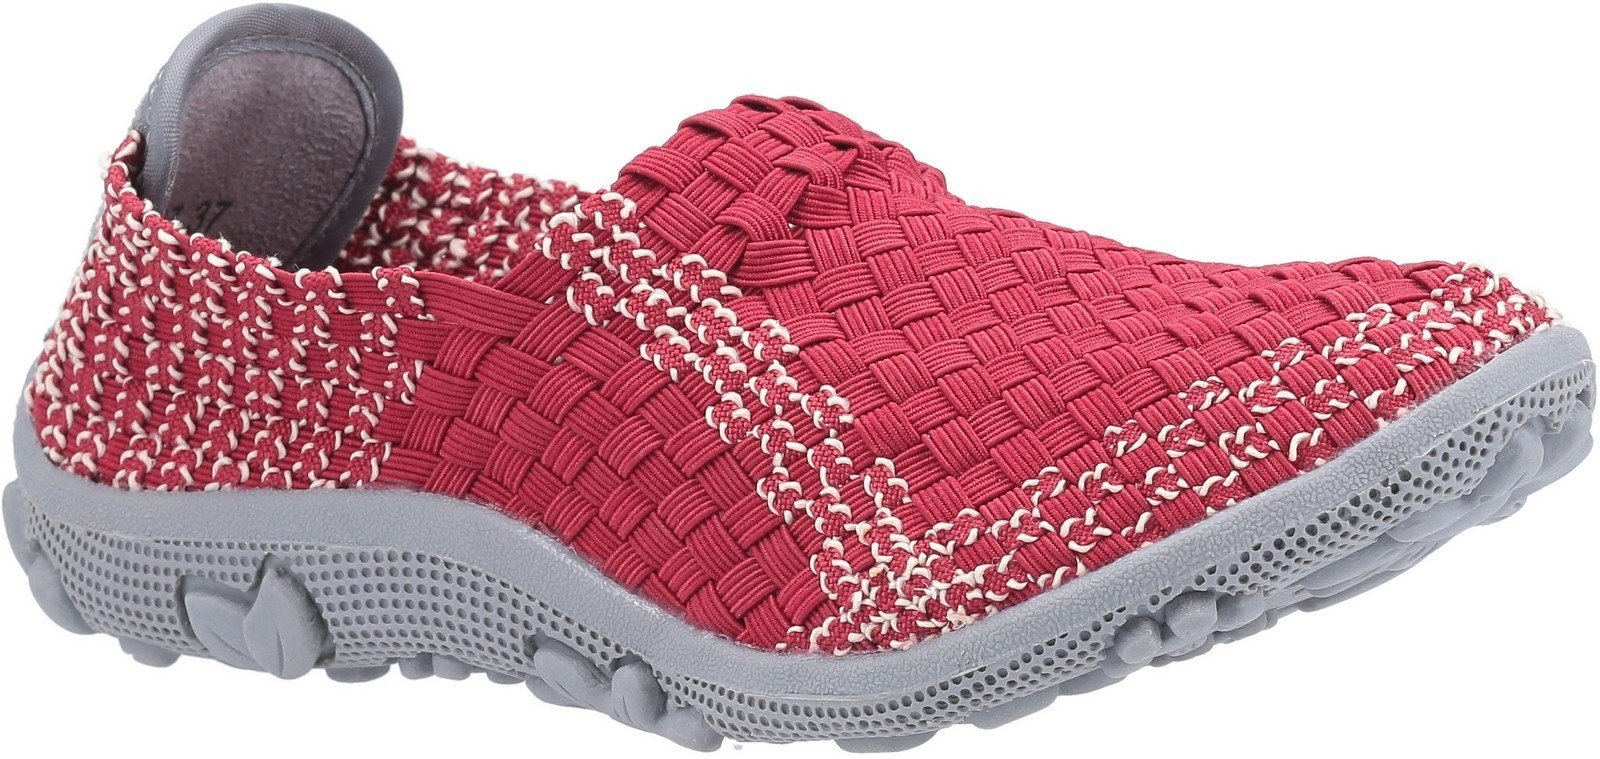 Fleet & Foster Women's Freida Slip On Sandal Various Colours 30118-51139 - Red 3